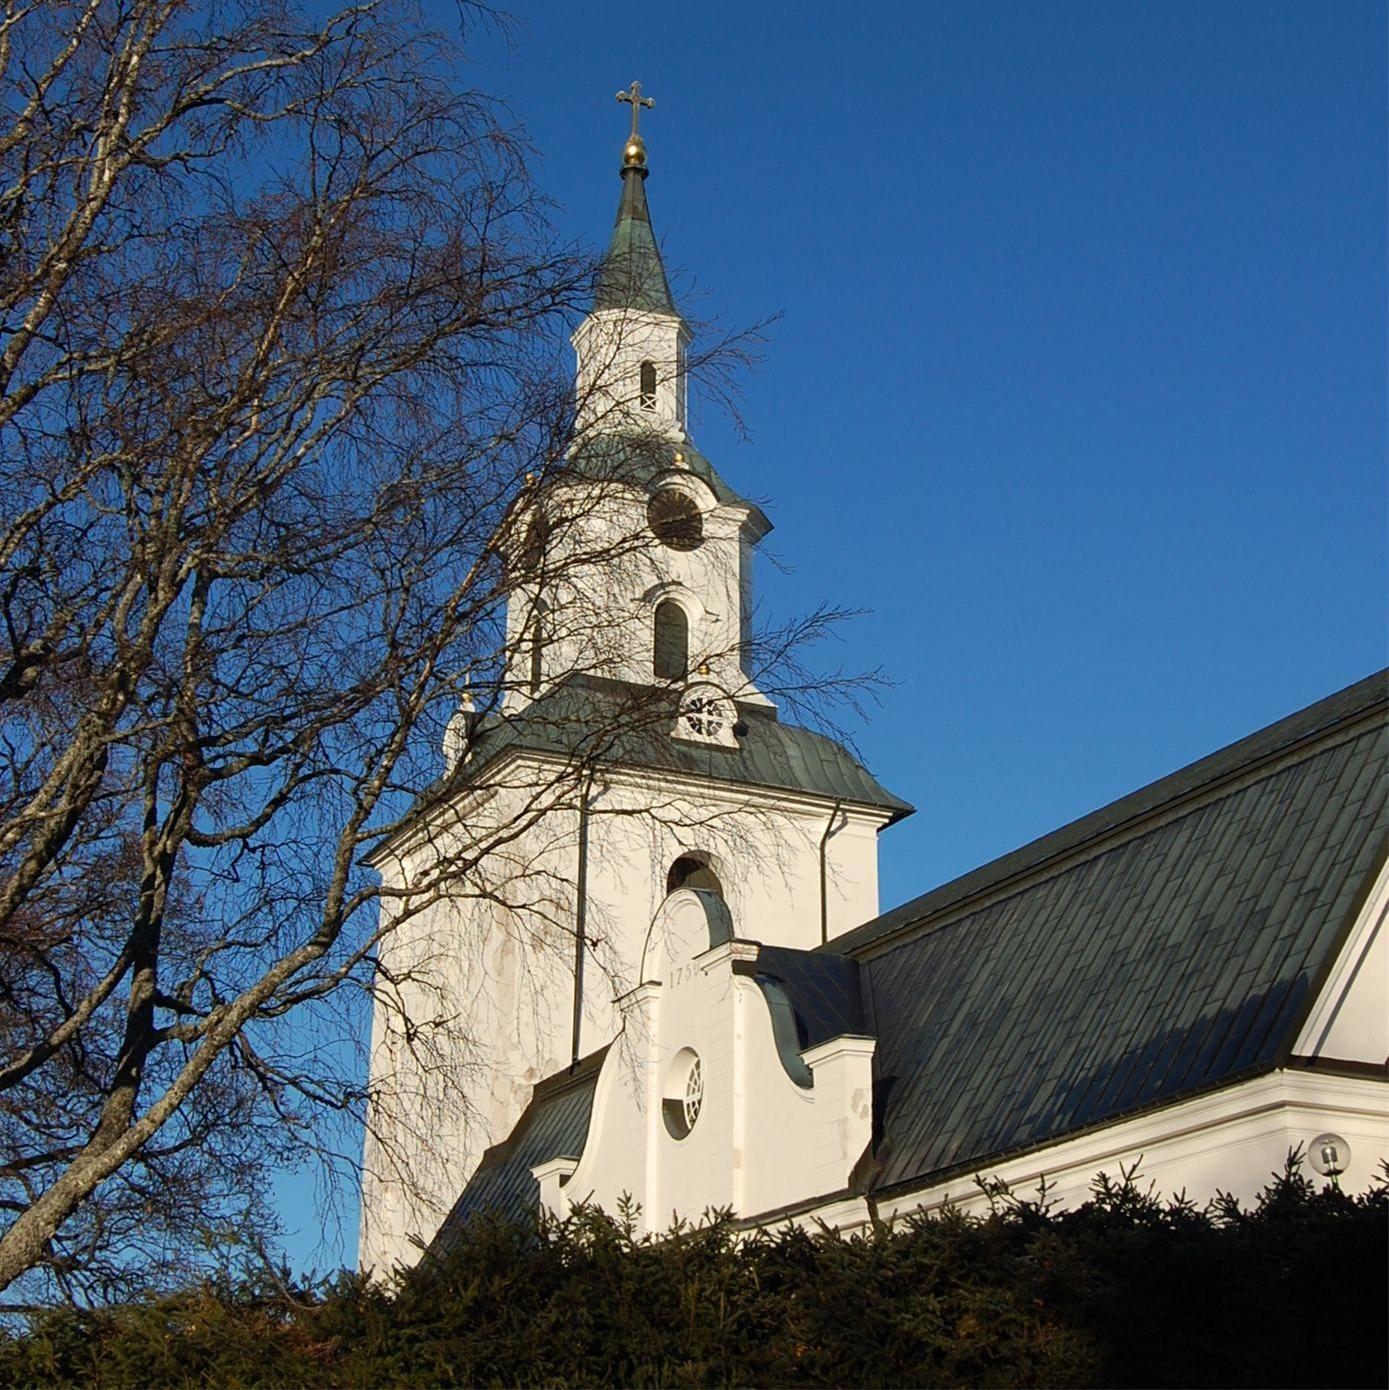 Säbrå church